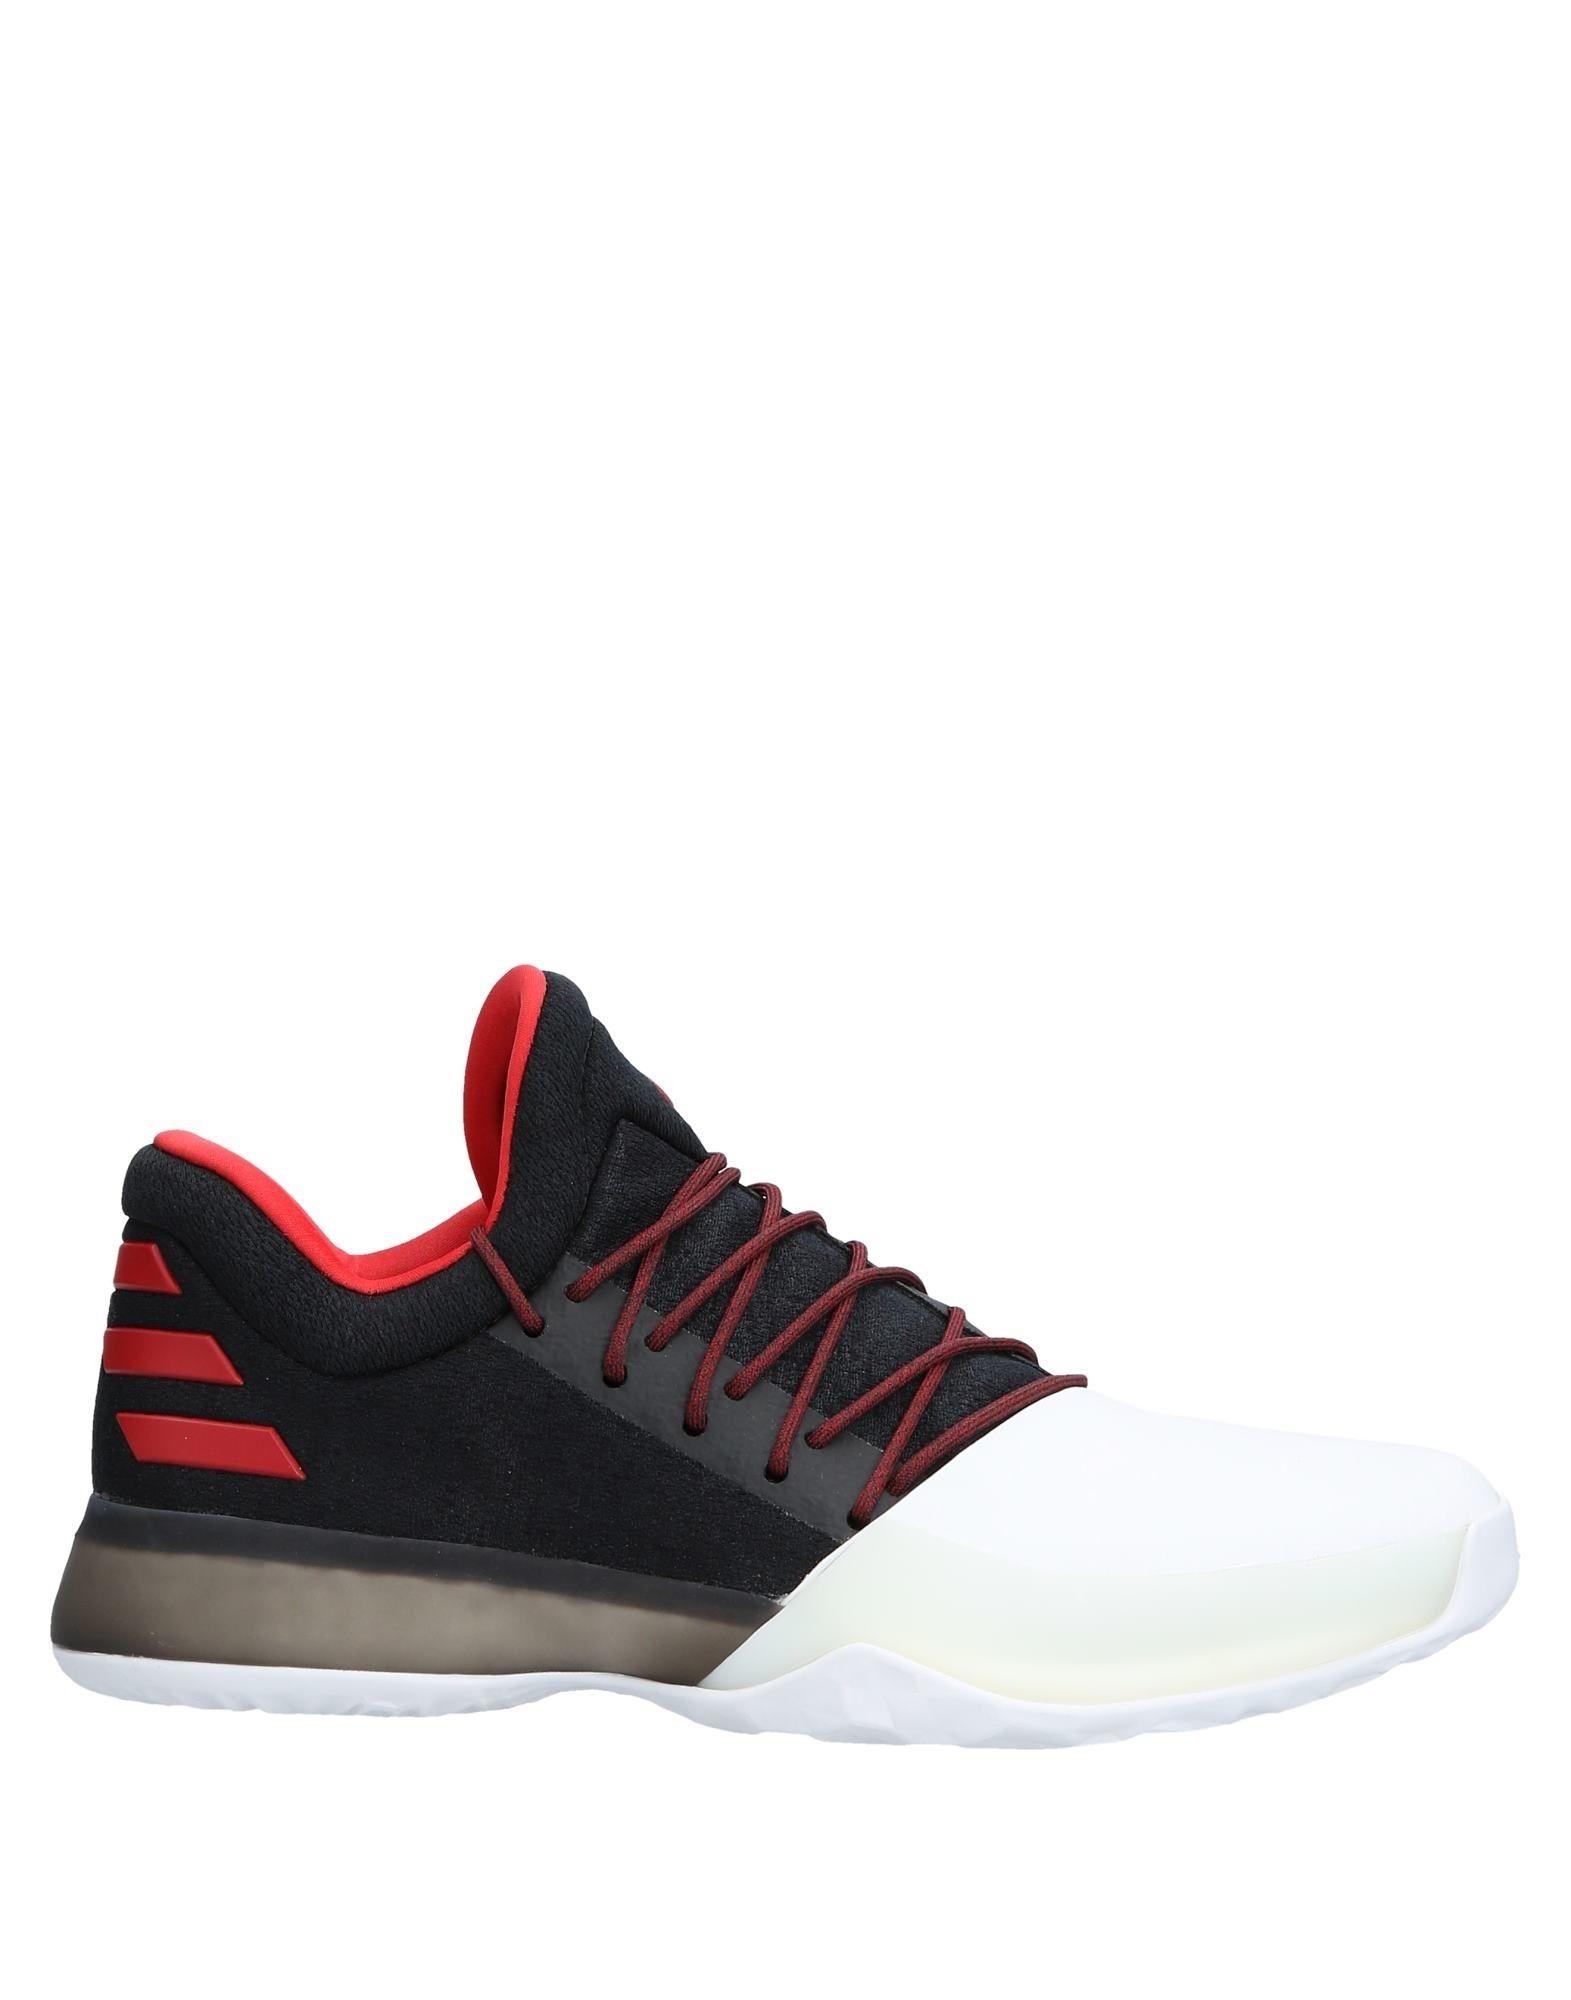 Rabatt echte Schuhe Adidas Sneakers Herren  11526368MK